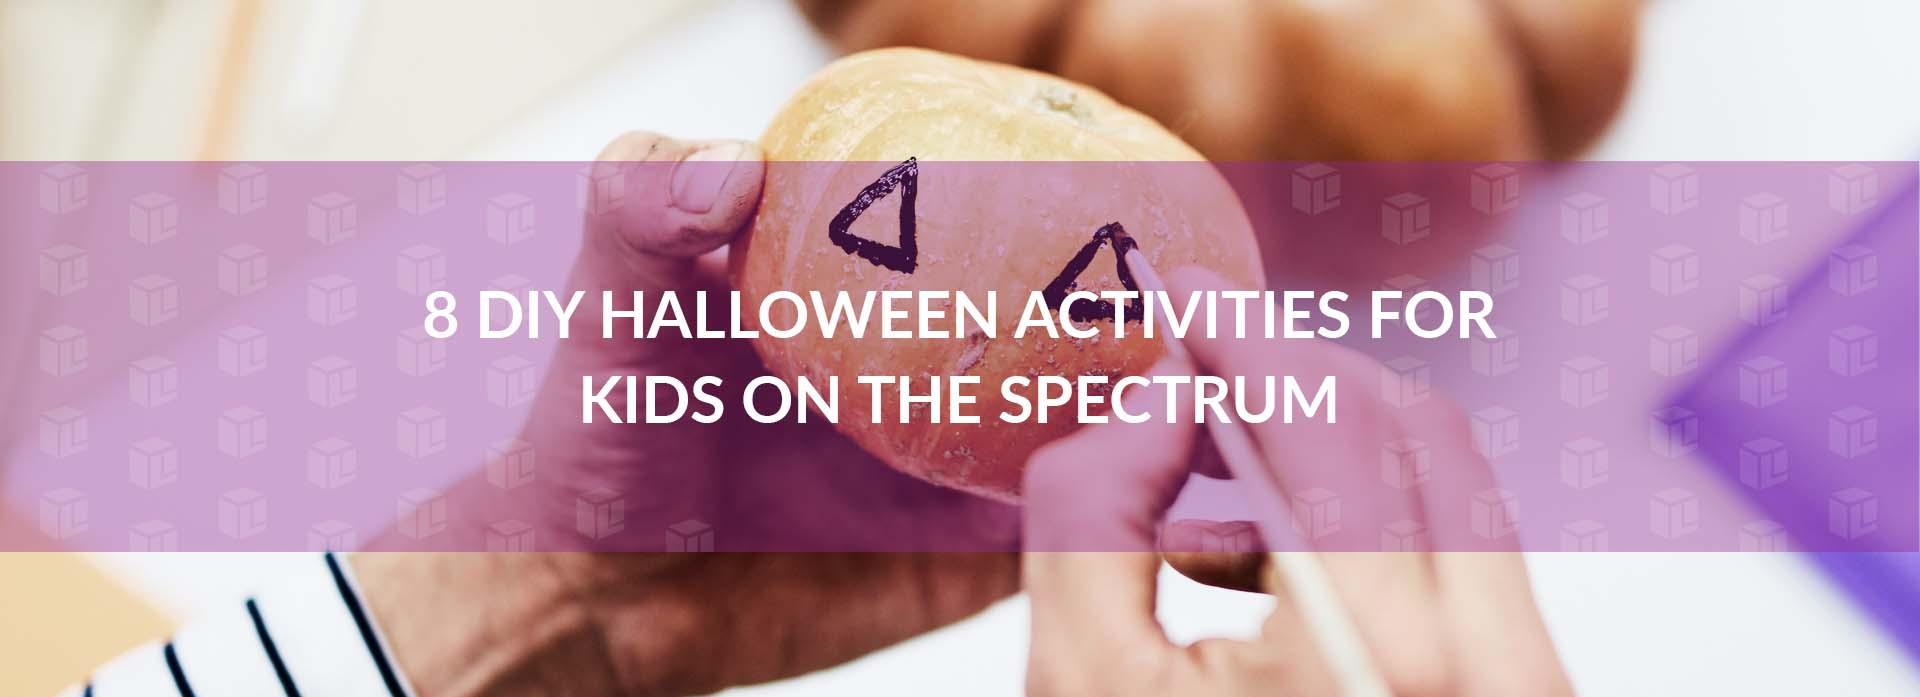 8 DIY Halloween Activities For Kids On The Spectrum